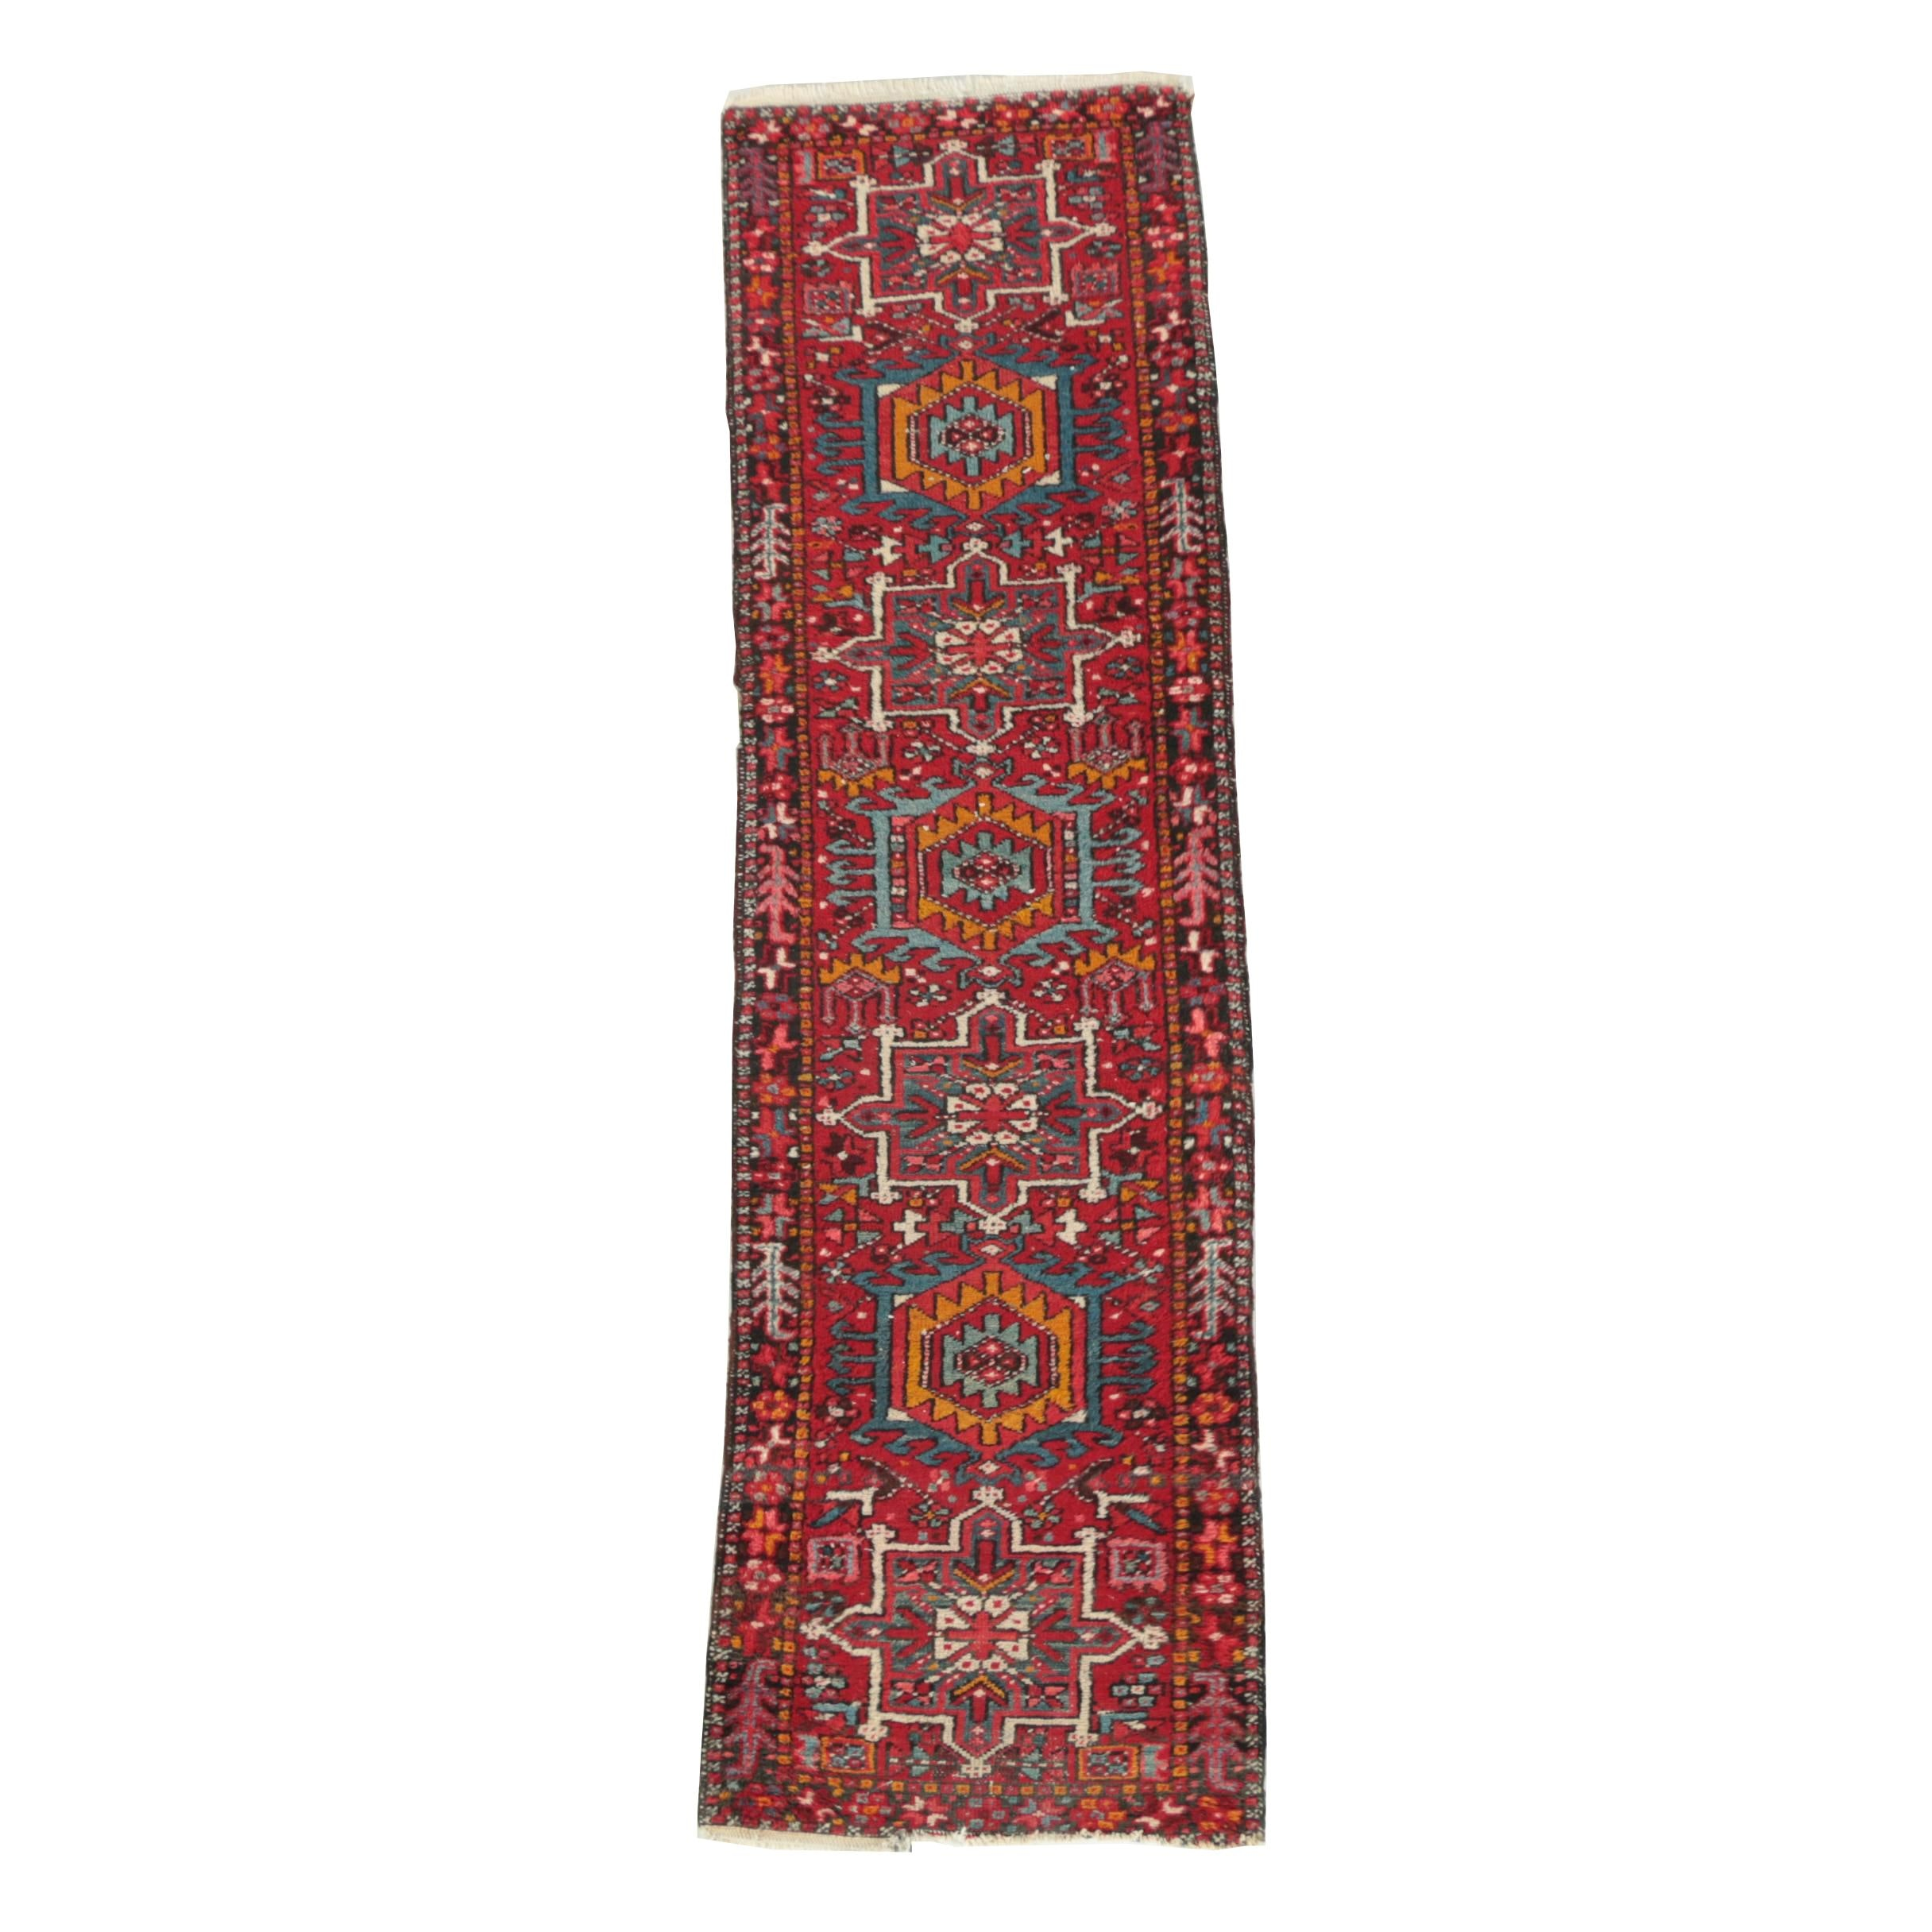 Hand-Knotted Persian Lamberan Heriz Wool Carpet Runner